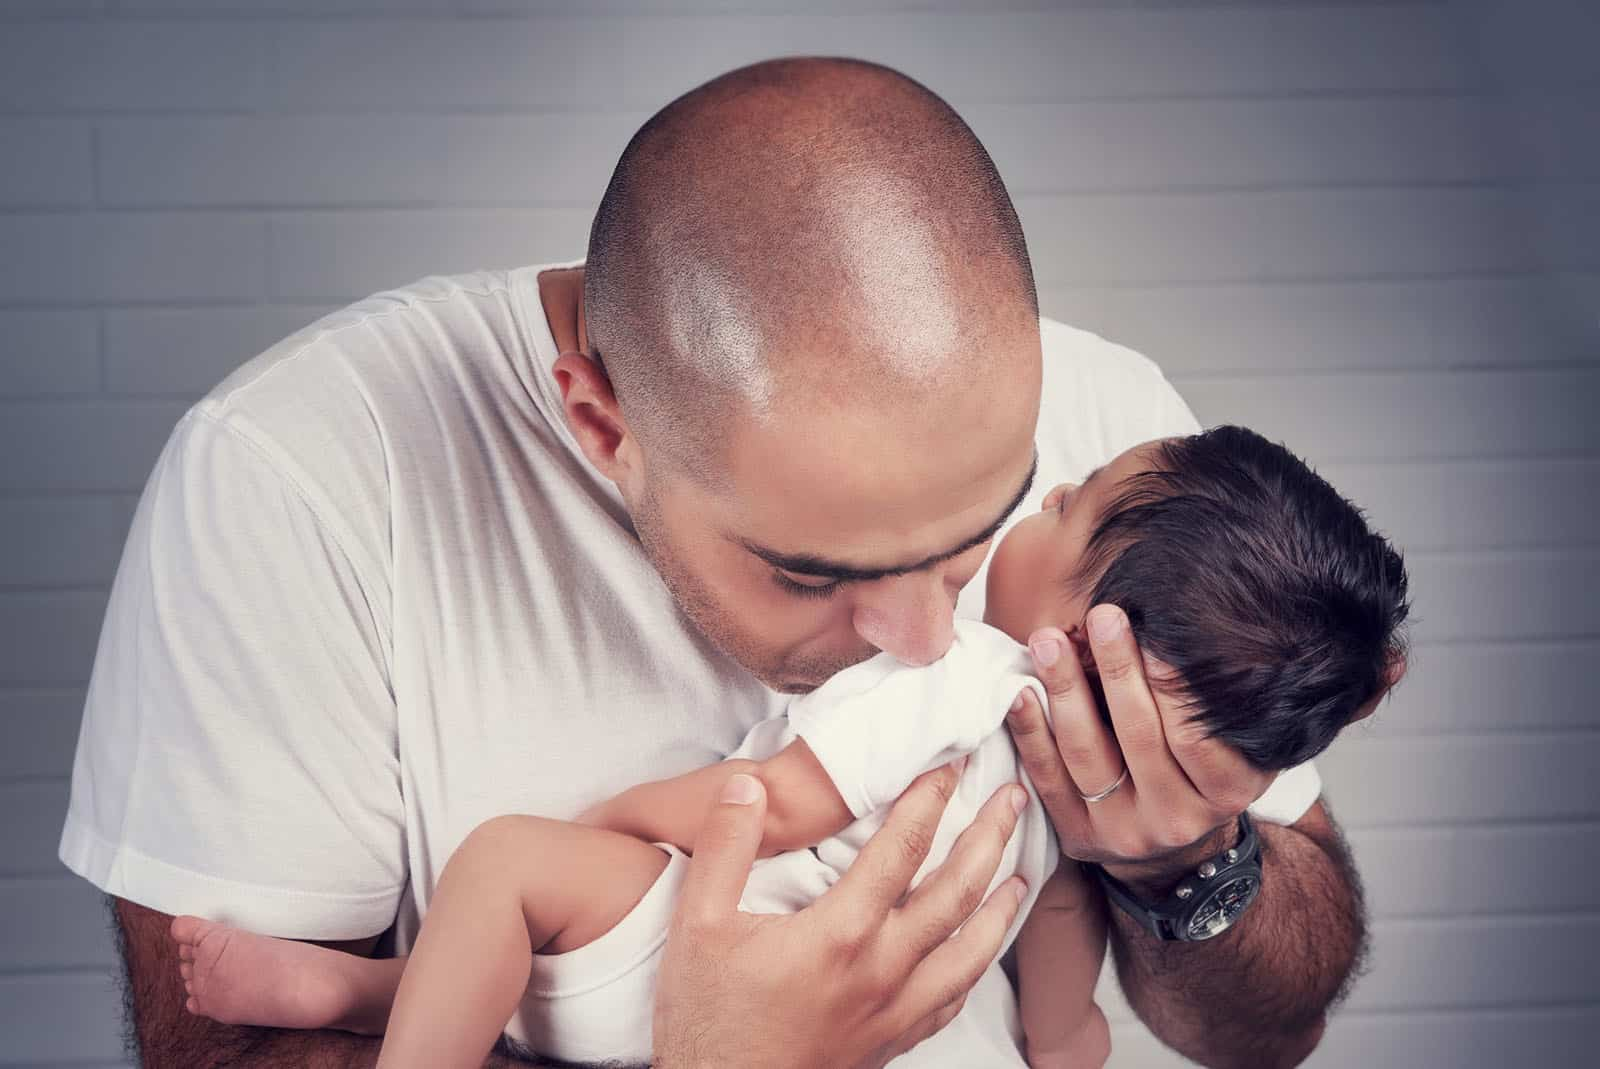 StandUpGirl dad kisses newborn baby